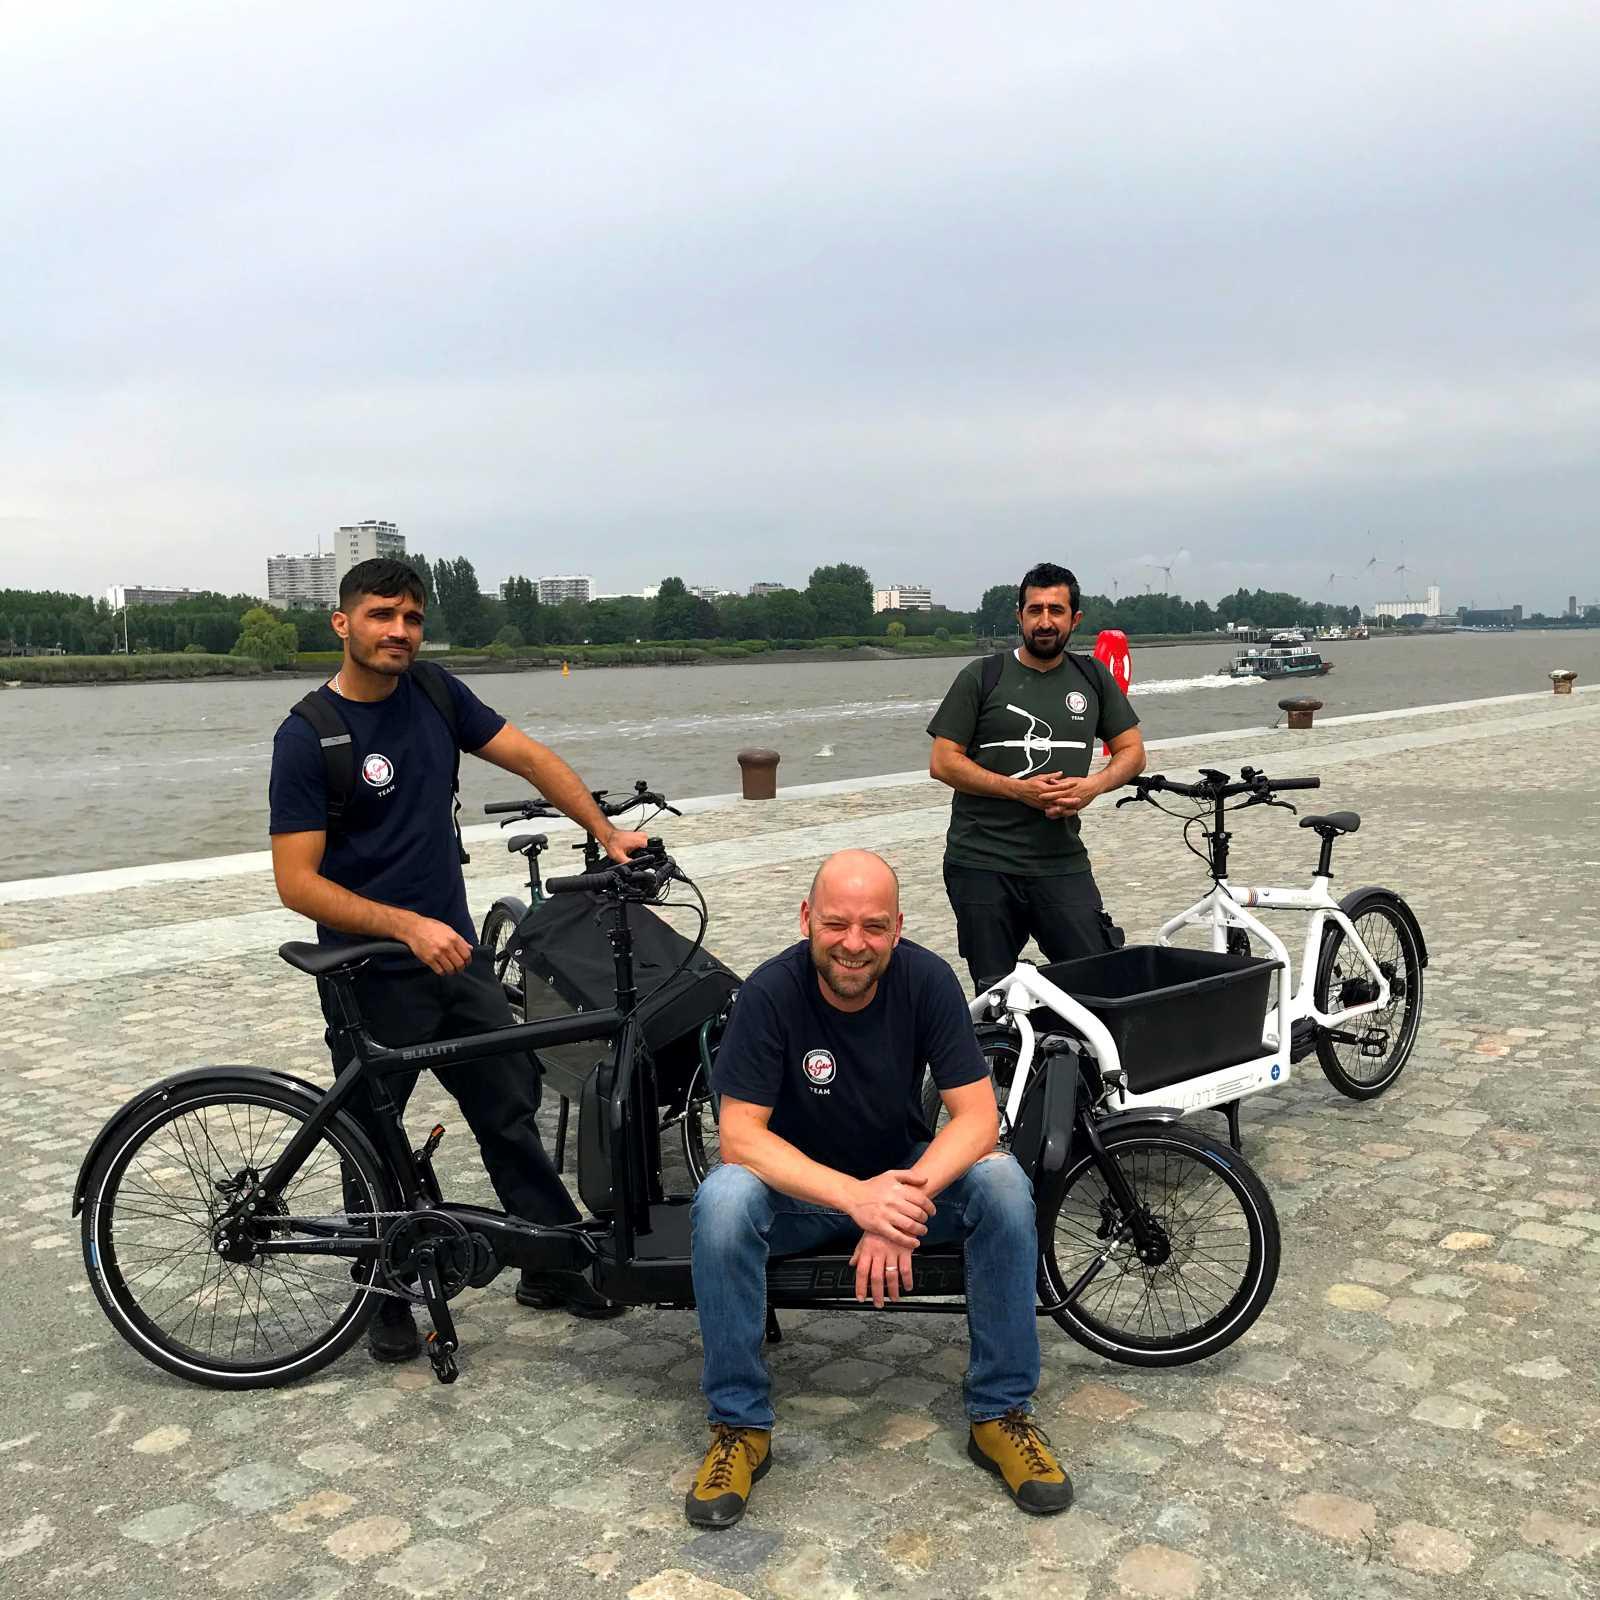 De Geus Plus sociaal project fietsenwinkel